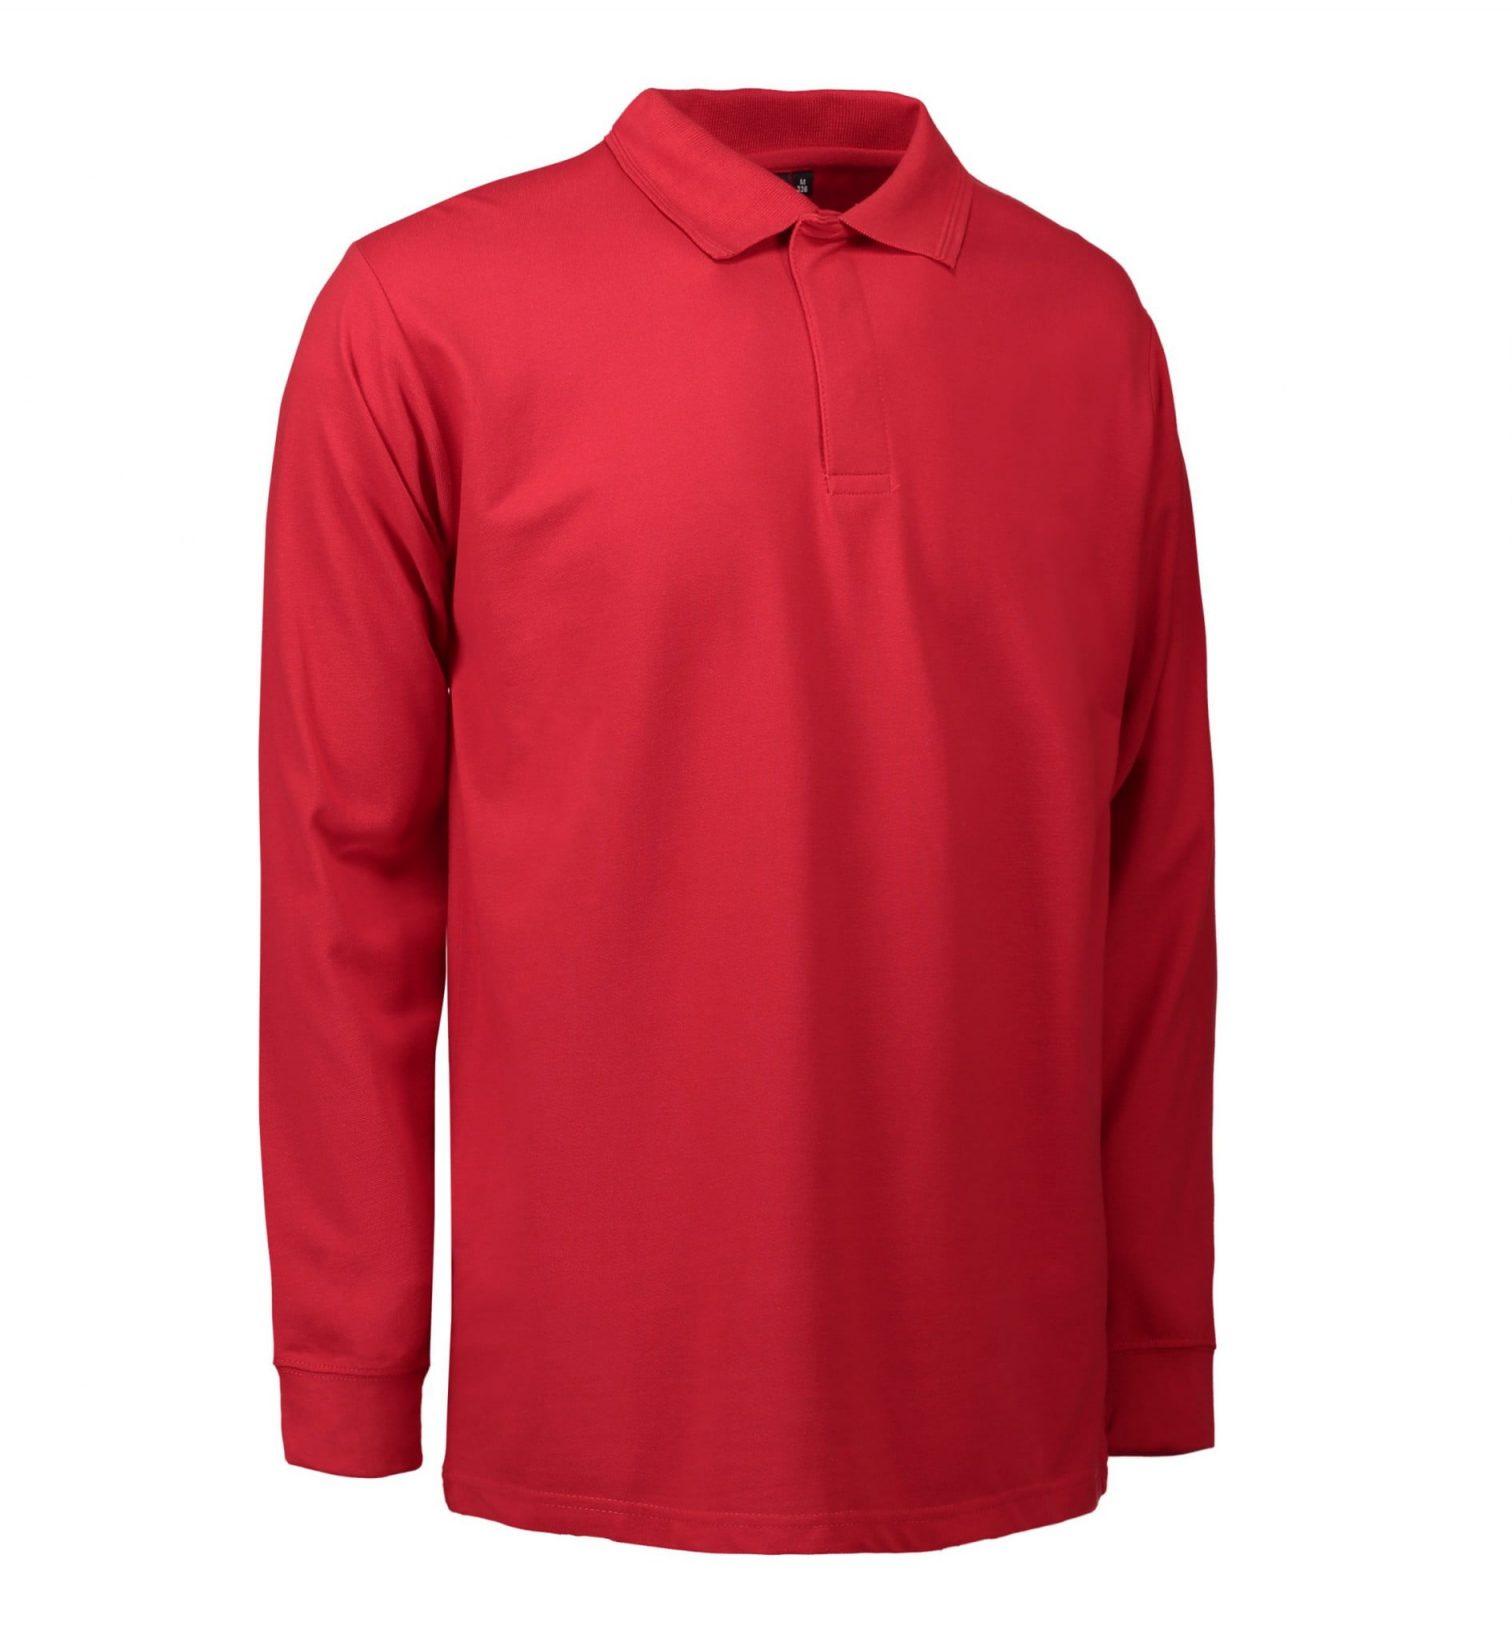 ID PRO Wear Slidstærk poloshirt med lange ærmer og trykknapper herre rød